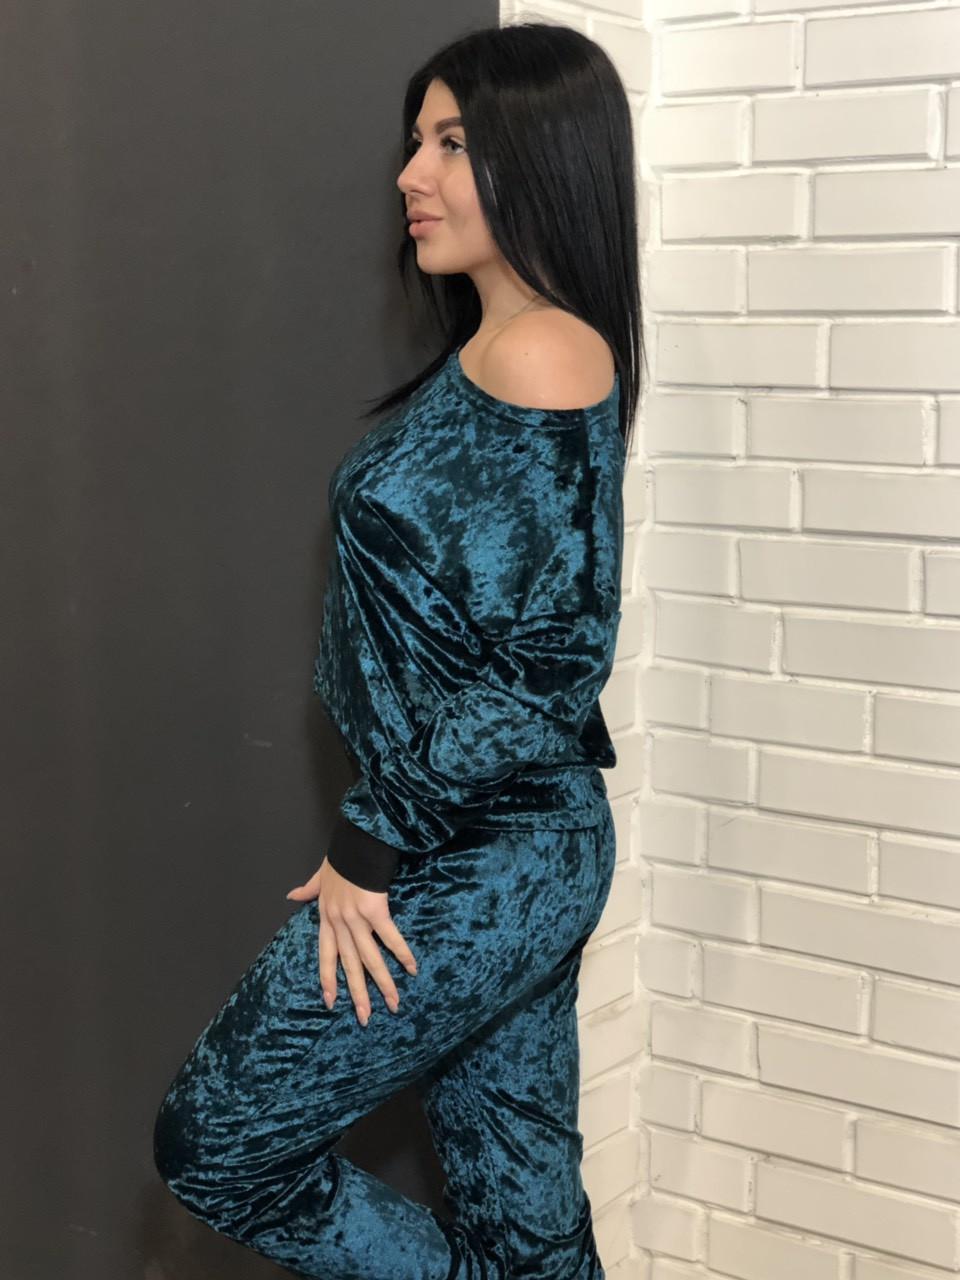 Женский спортивный костюм для домаТМExclusive: кофта и штаны изумрудного цвета